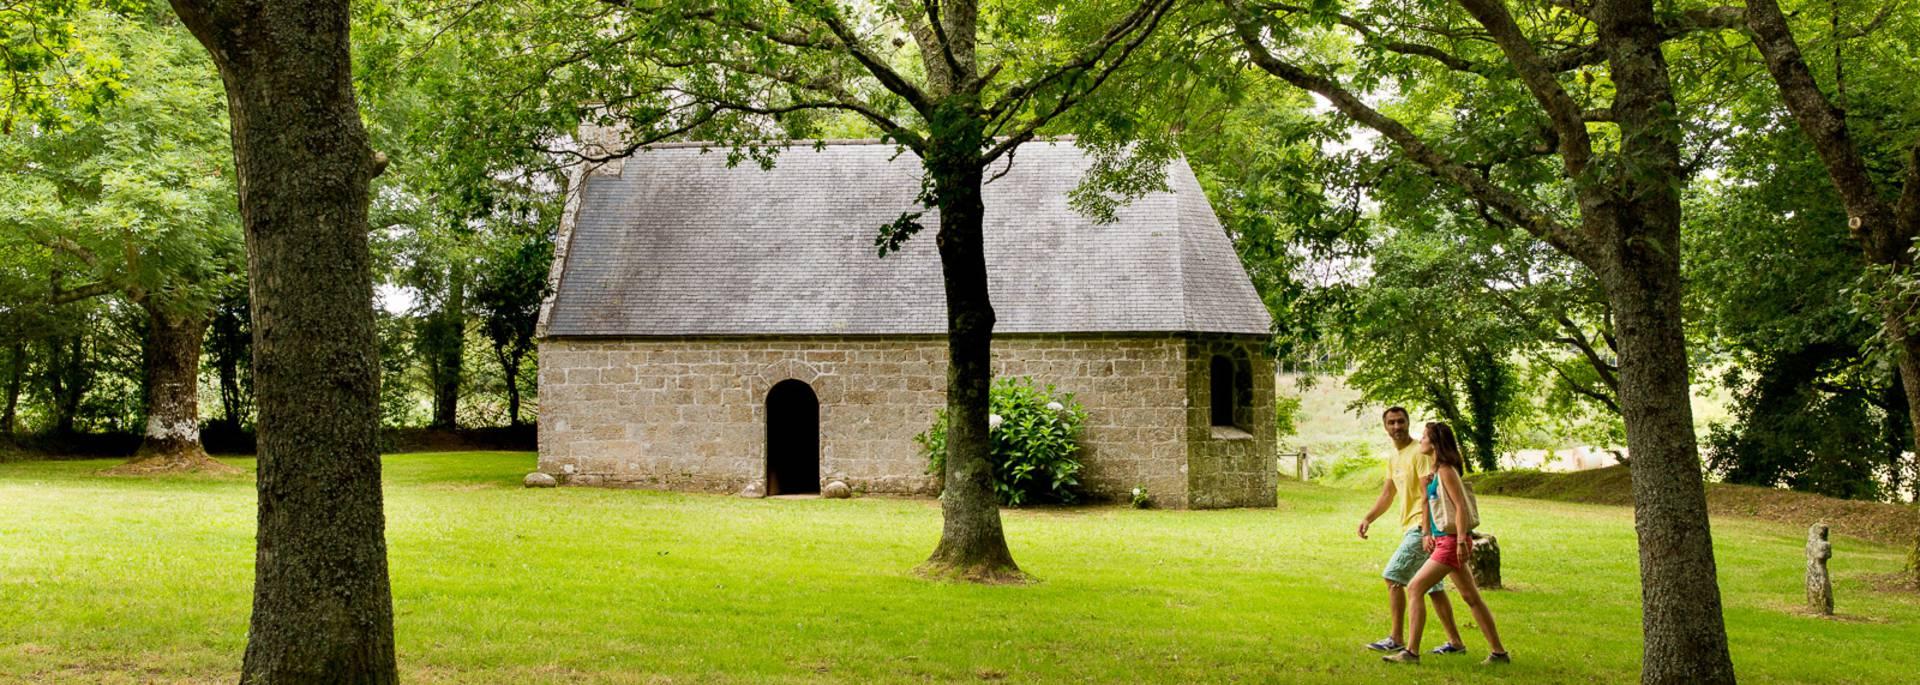 Chapelle Saint Ronan à Plozévet © Y Derennes